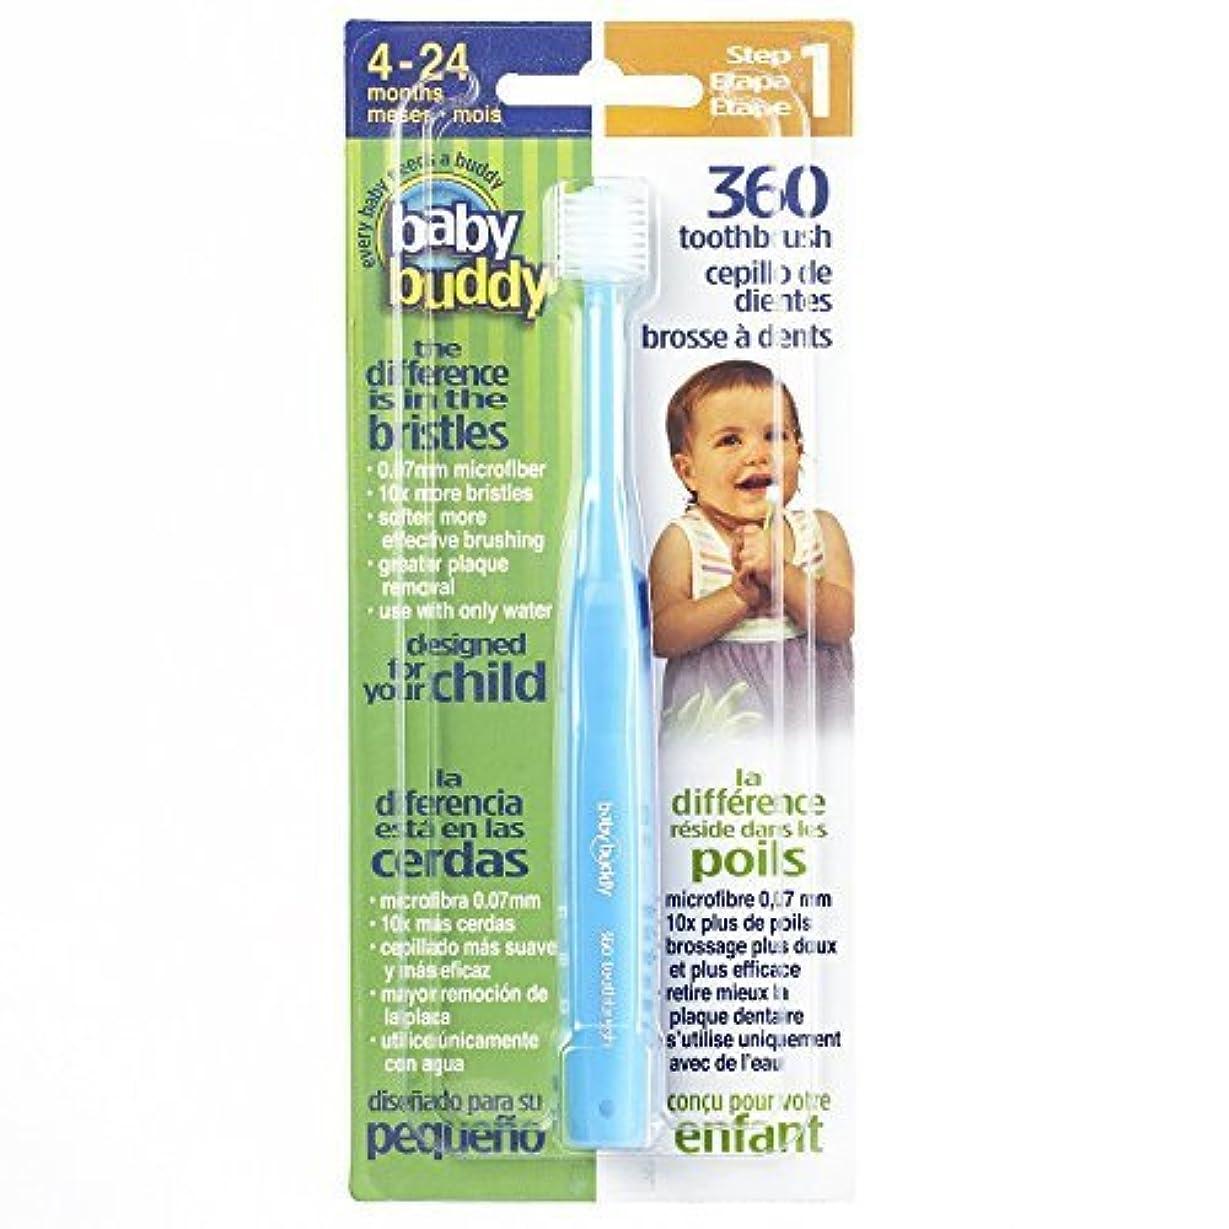 みなす謎プレフィックスBaby Buddy 360 Toothbrush Step 1, Blue by Baby Buddy [並行輸入品]